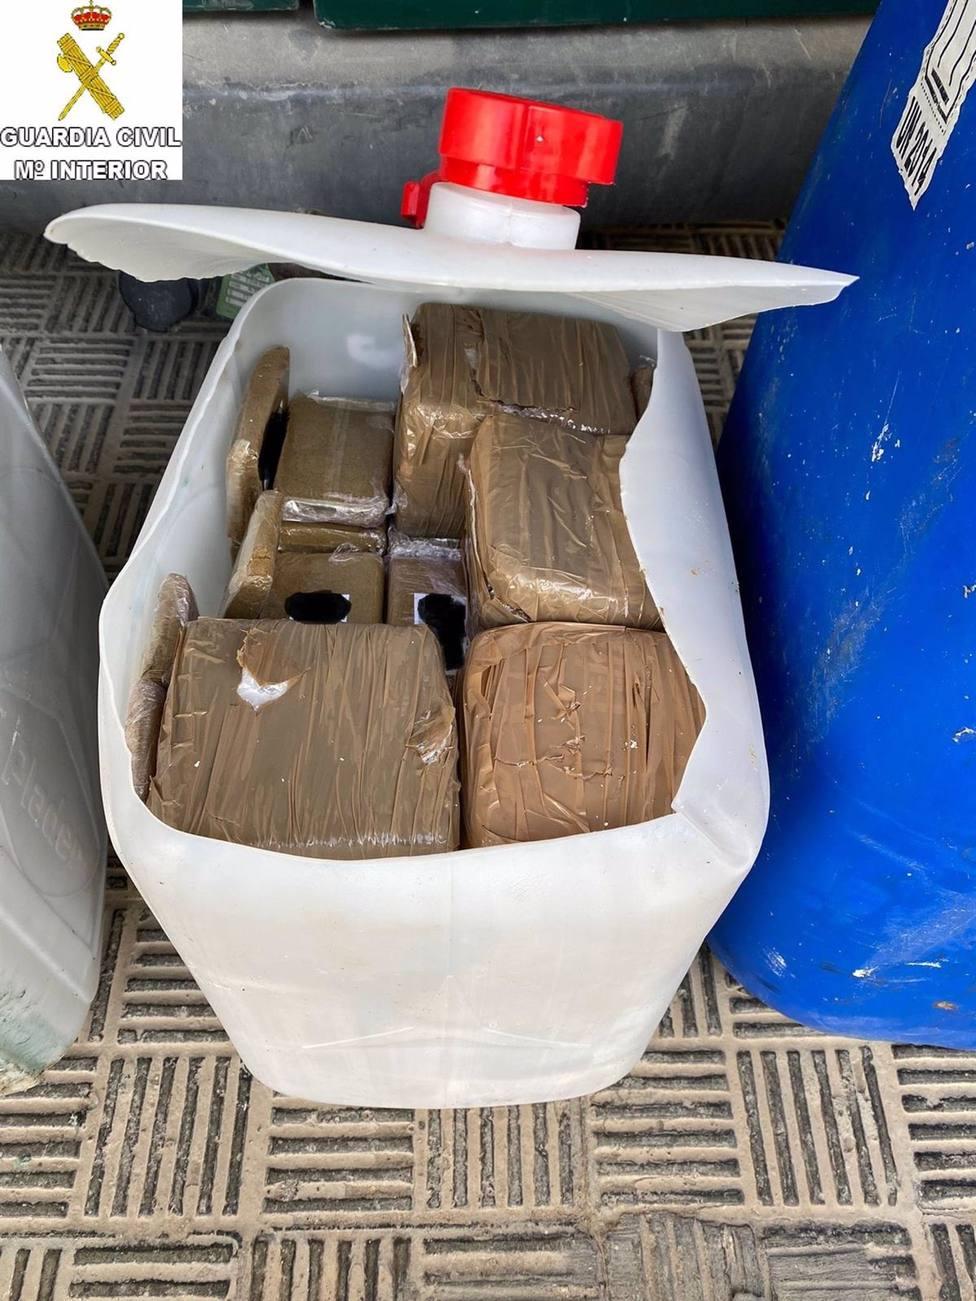 Cádiz.-Sucesos.- Detenidas dos personas en El Puerto que pretendían alijar 860 kilos de hachís por el río Guadalete